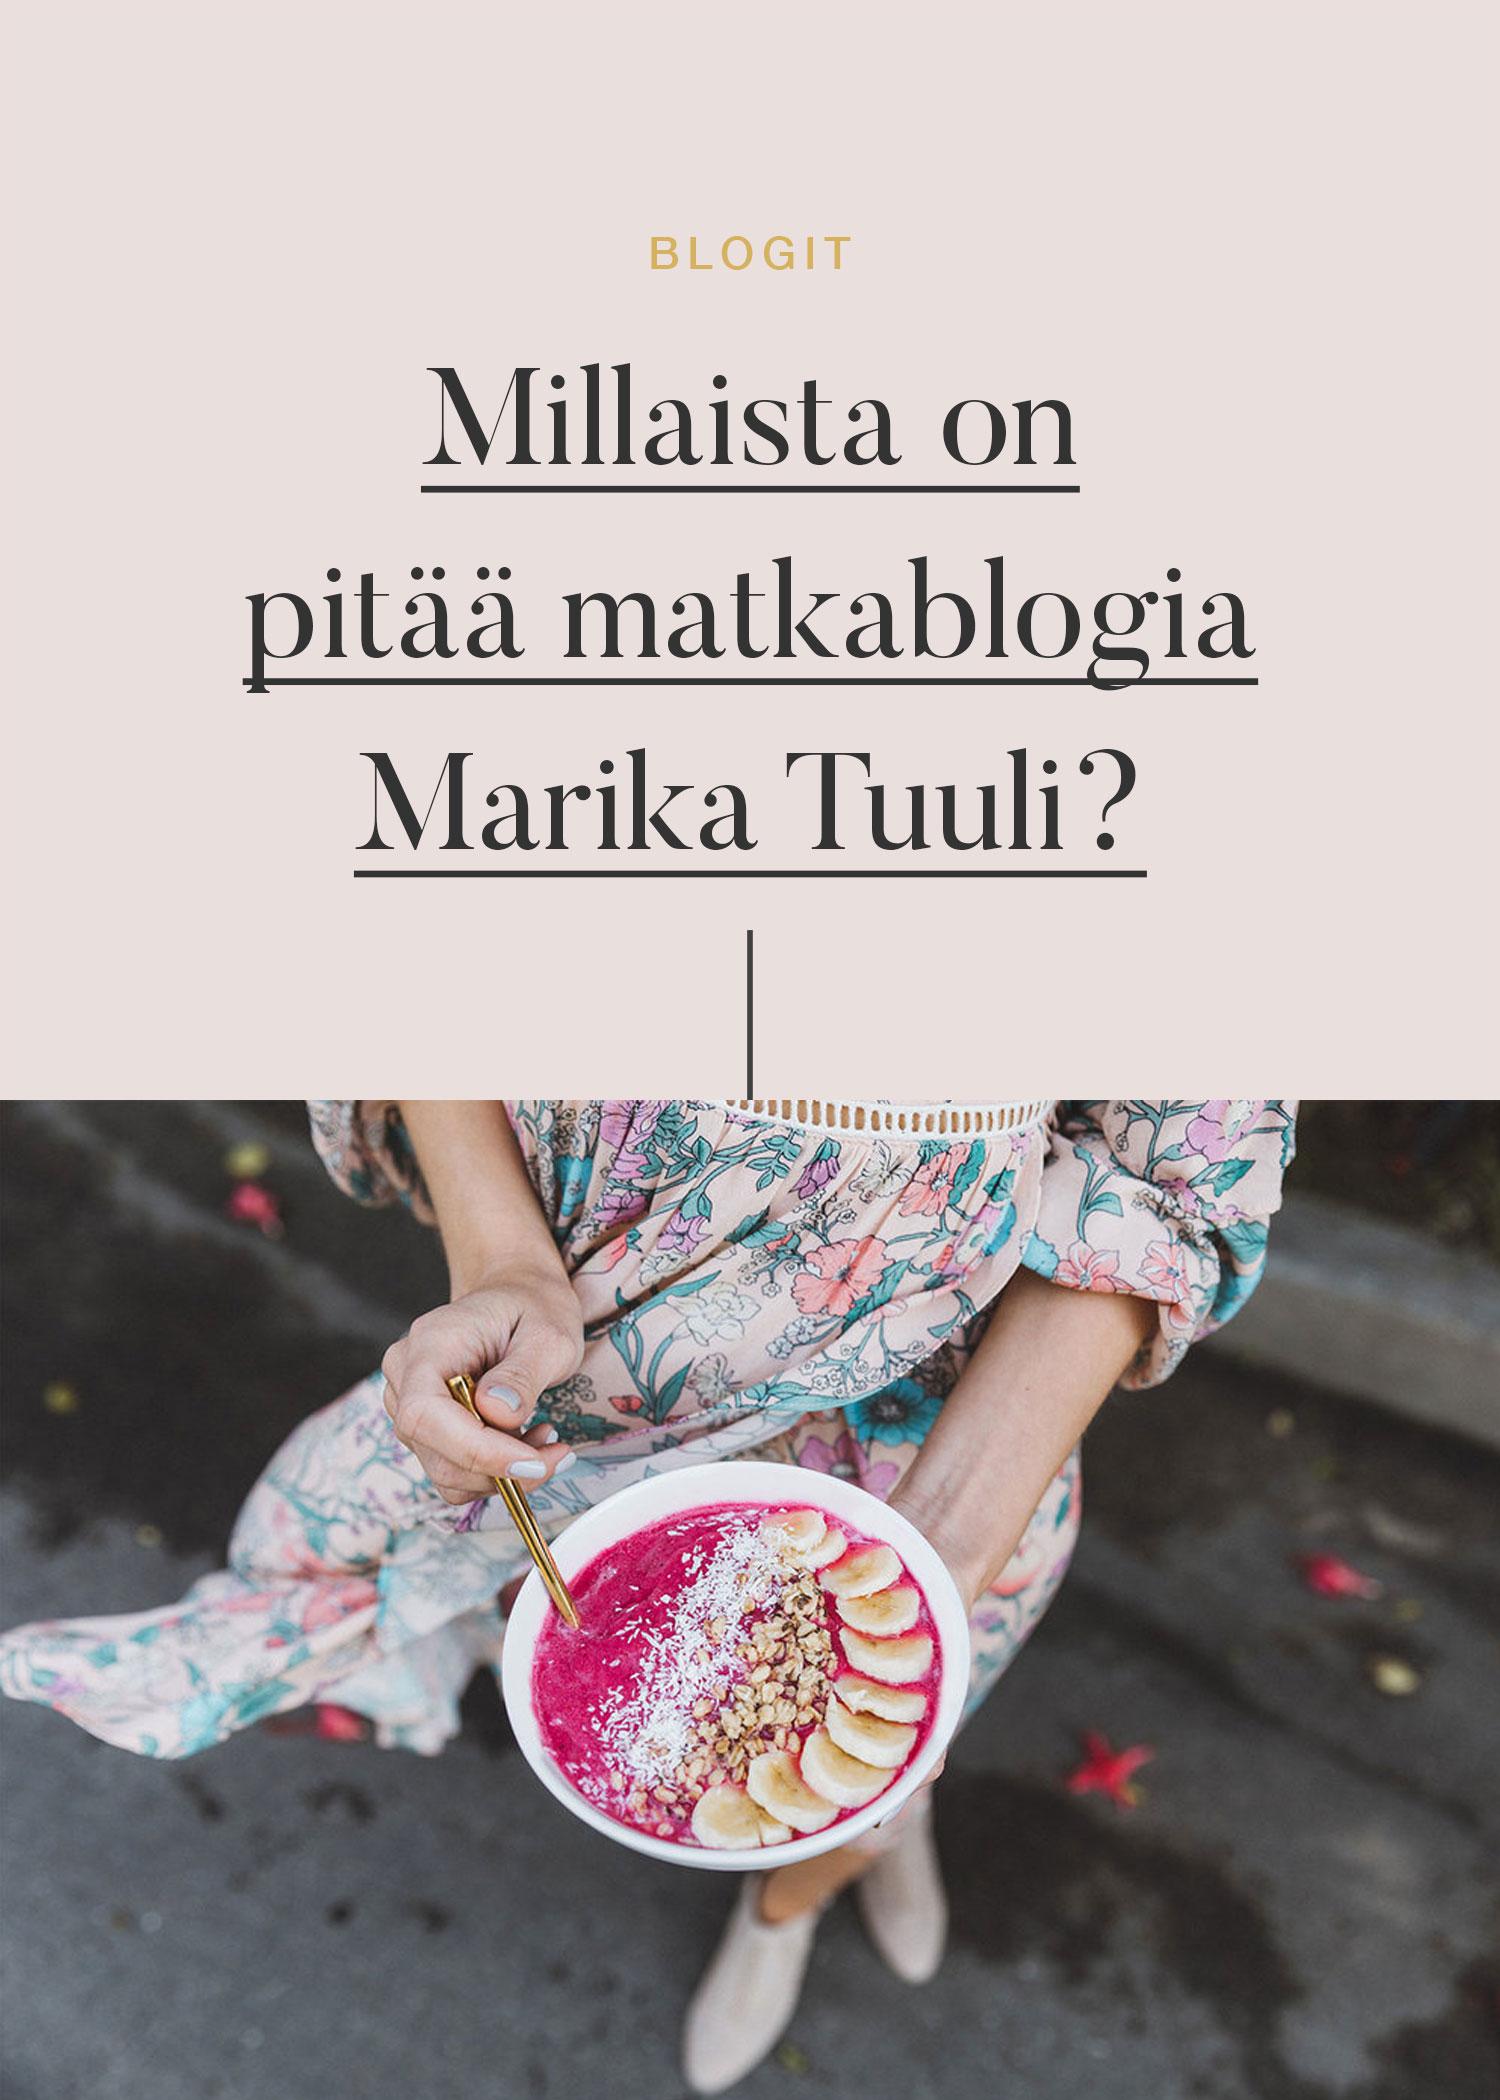 Millaista on pitää matkablogia - Marika Tuuli blogi